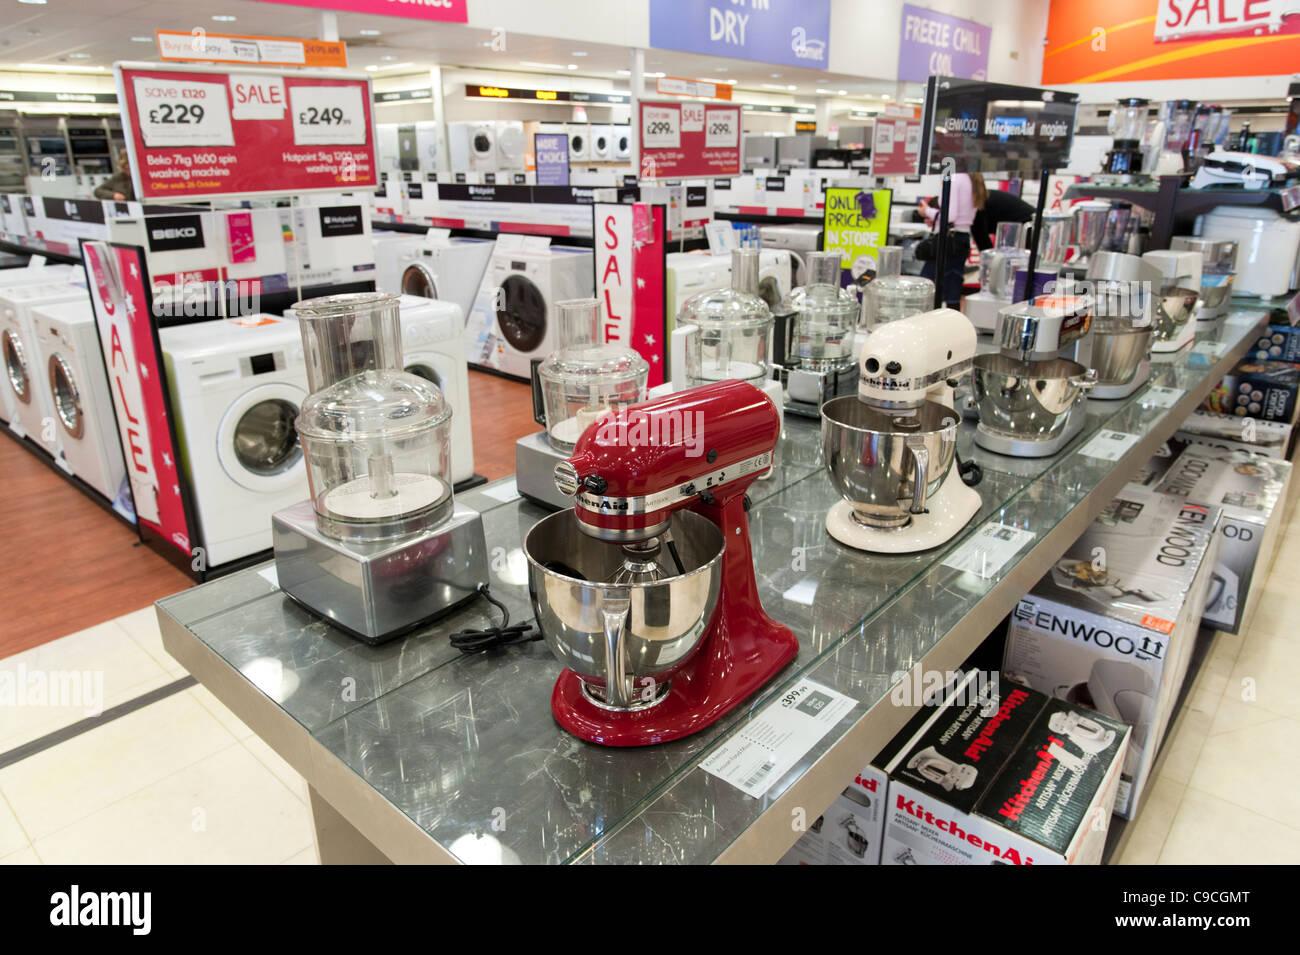 Aparatos de cocina eléctrica en tienda cometa, Londres, Inglaterra, Reino Unido. Imagen De Stock